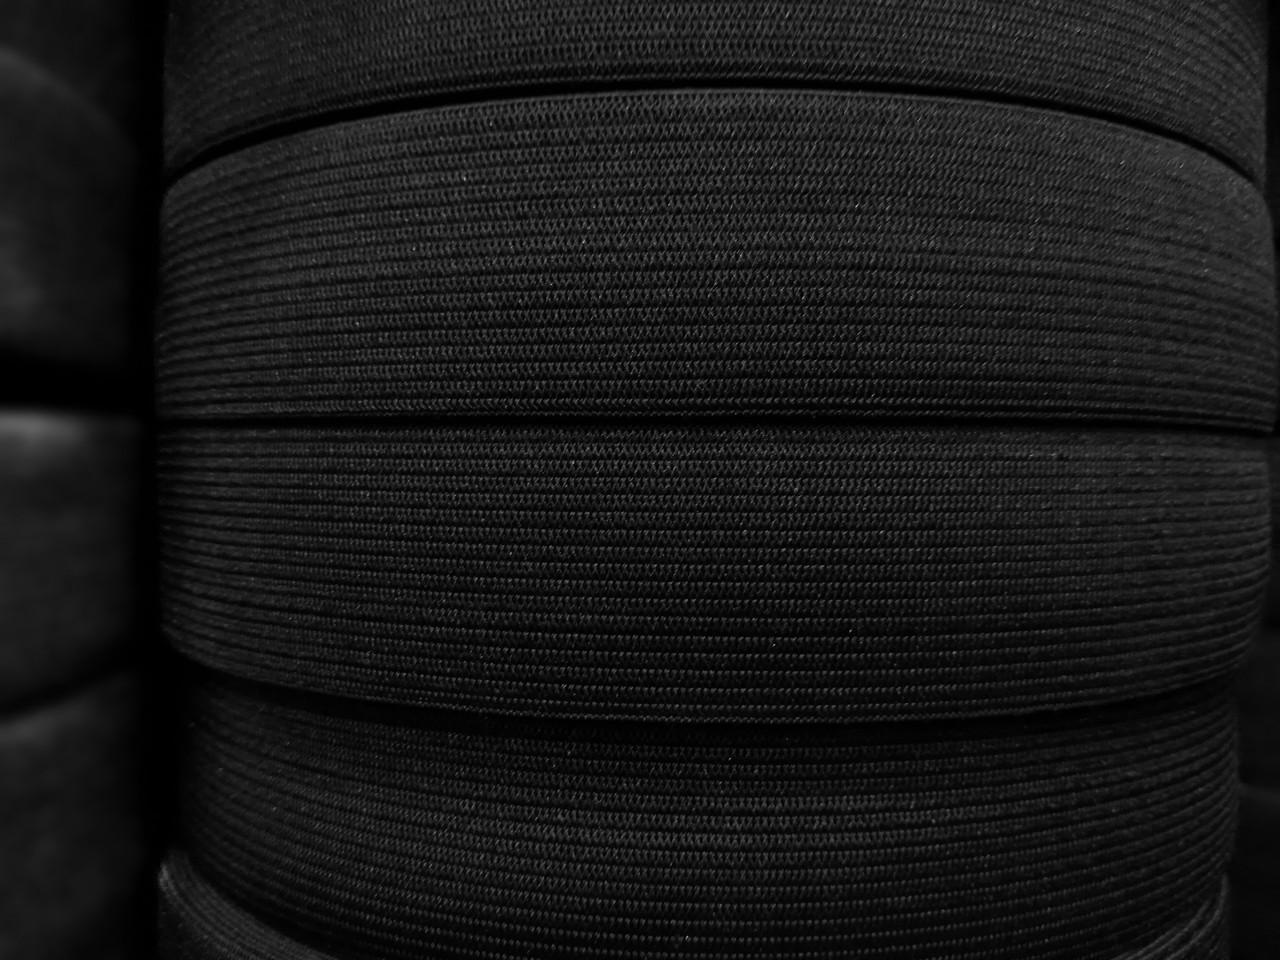 Резинка текстильная черная плотная 7 см, 25м